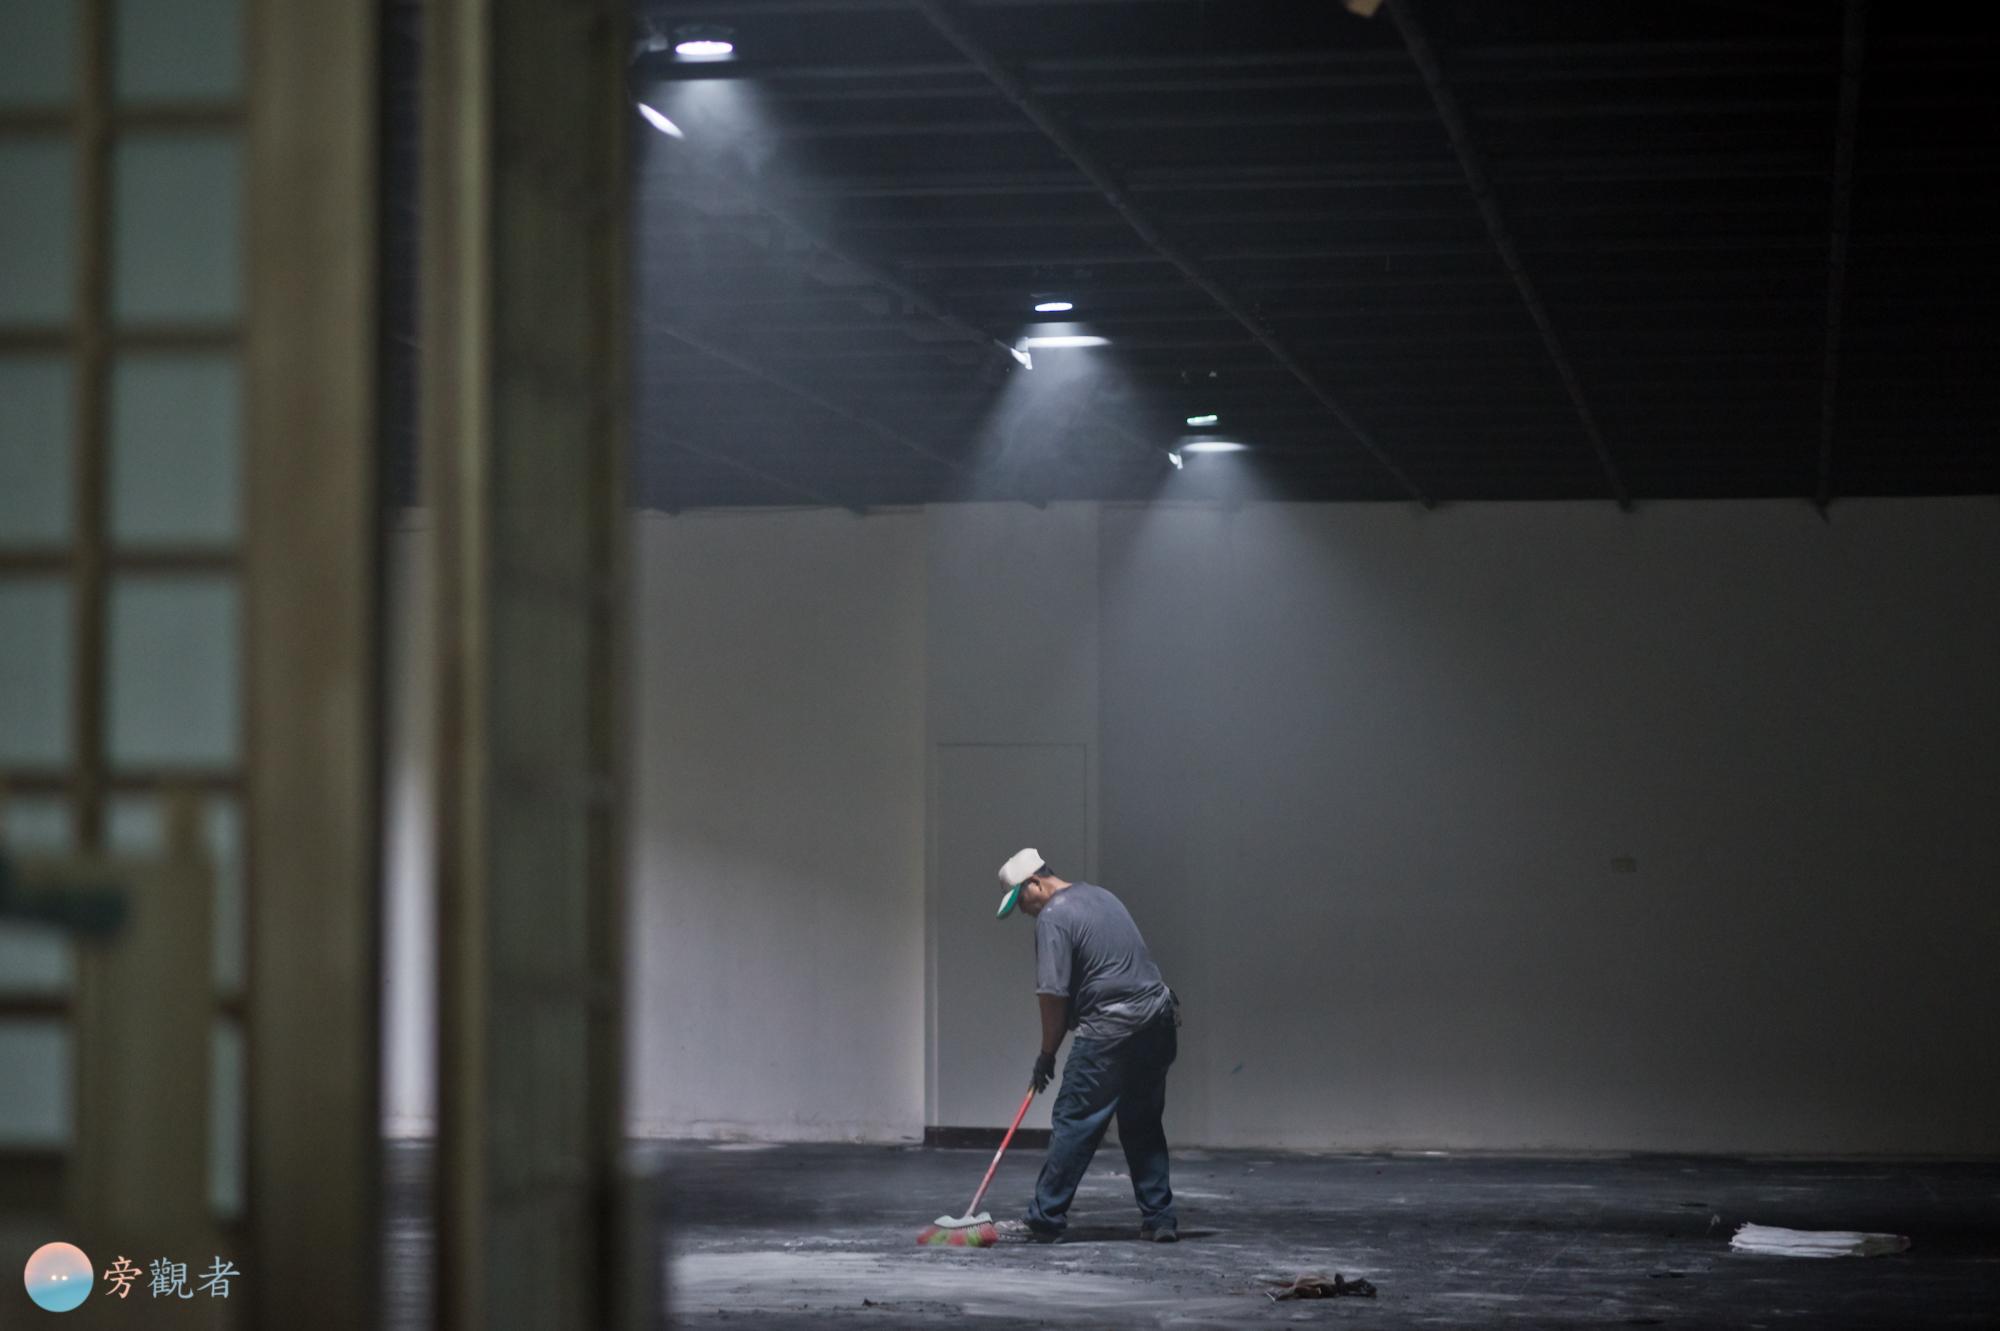 在暨南大學人文藝廊進行空間裝修作業的工人。南投埔里桃米